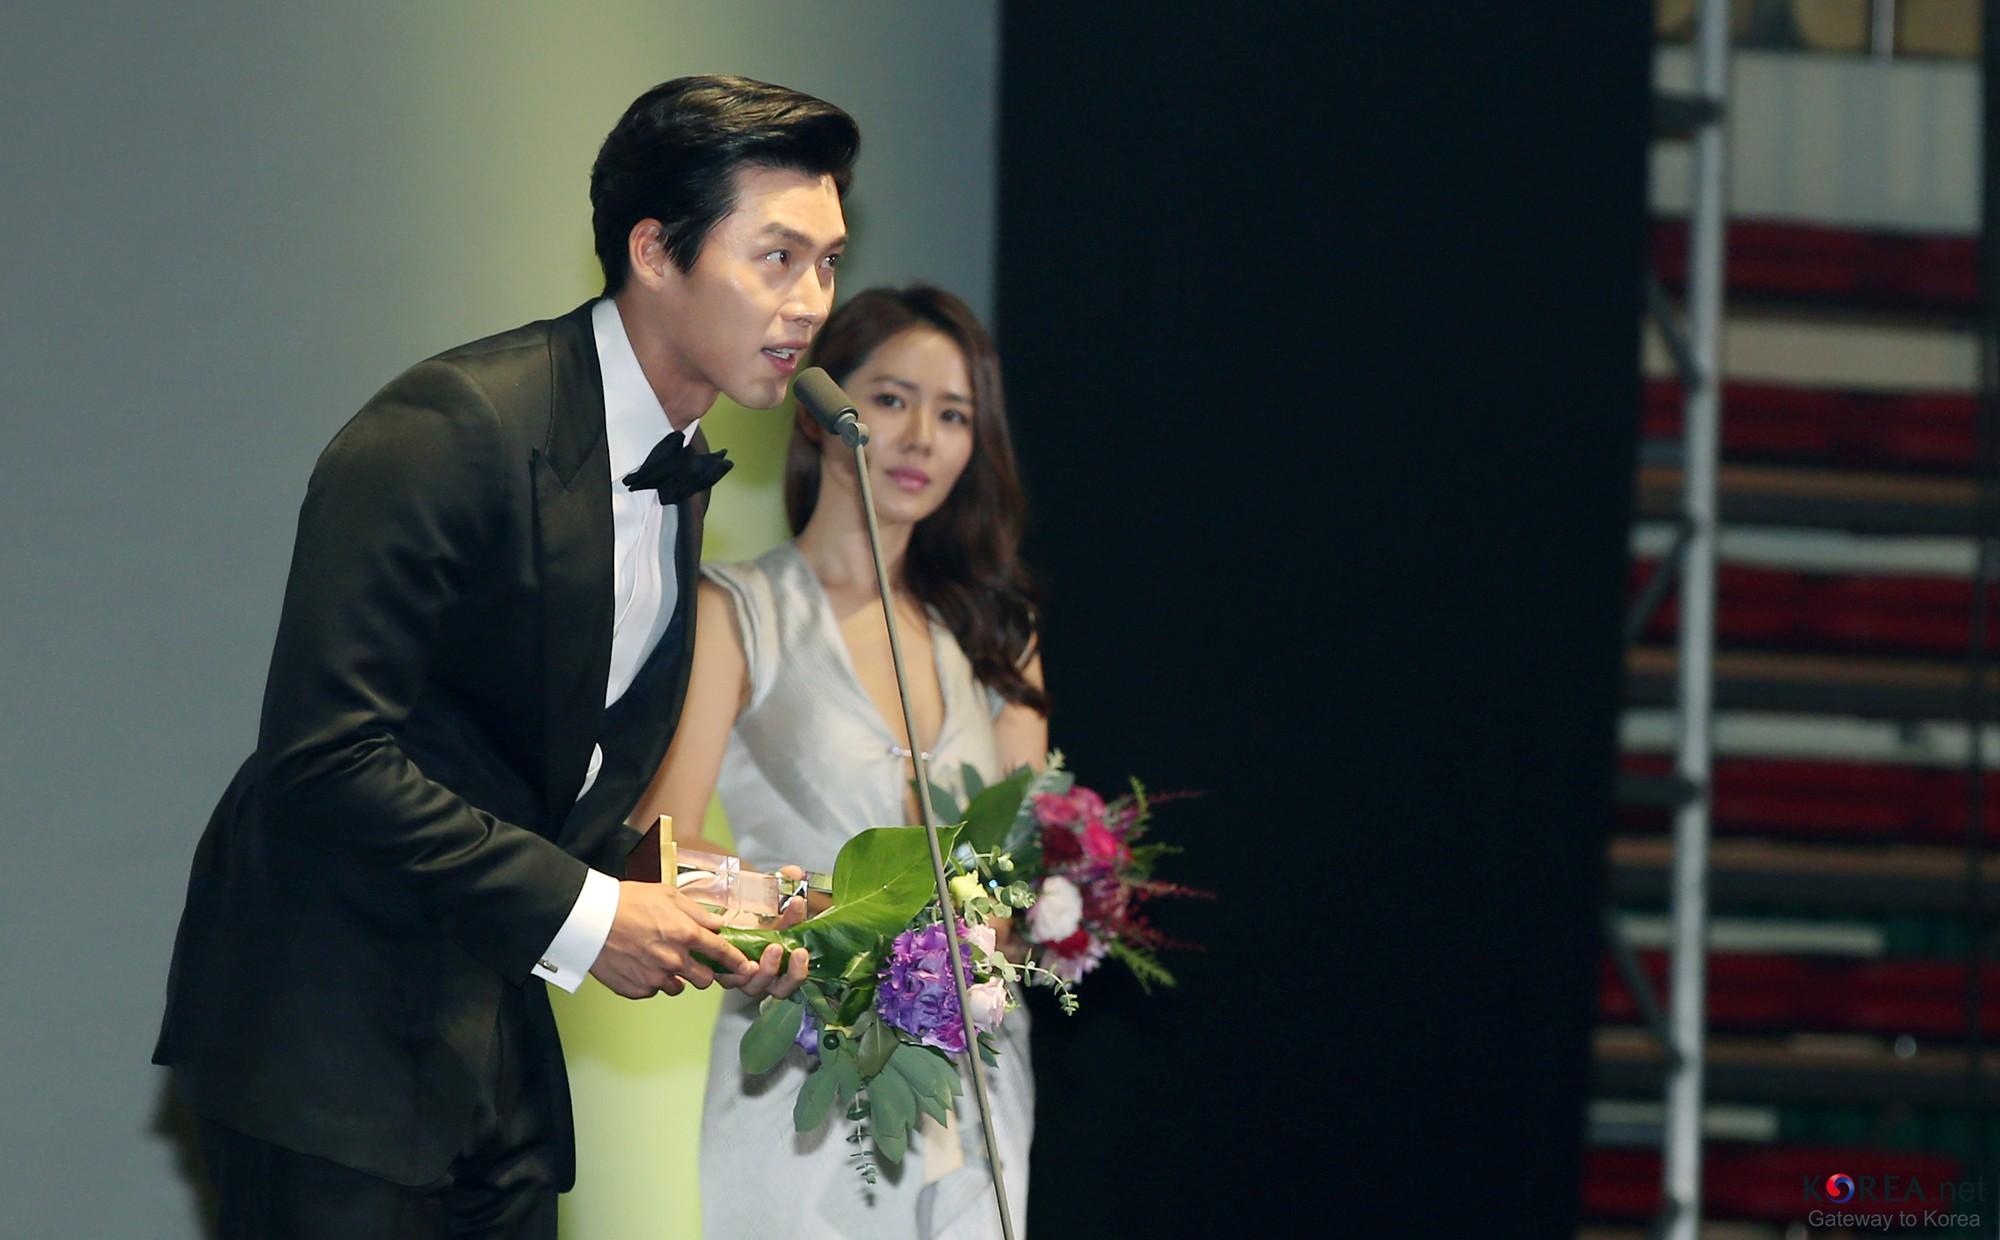 Nhìn Son Ye Jin và Hyun Bin tình tứ, có thái độ đáng ngờ như thế này bảo sao ai cũng thi nhau đẩy thuyền - Ảnh 9.